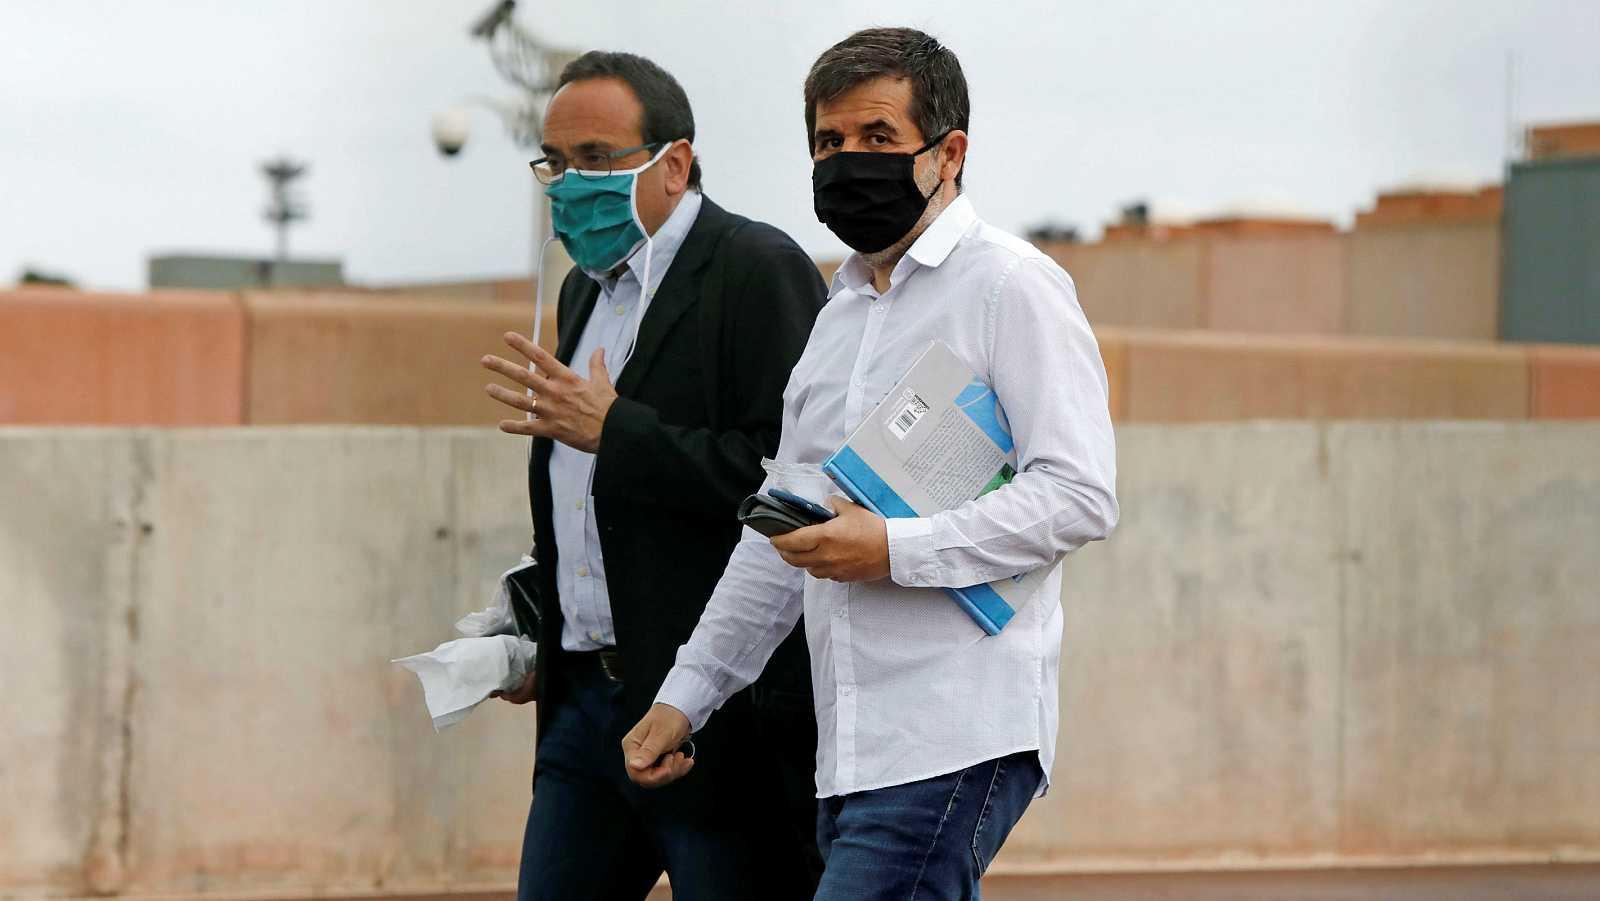 El exconseller Josep Rull acompañado por el expresidente de la ANC, Jordi Sánchez a su salida de la prisión de Lledoners (Barcelona), para llevar a cabo labores de voluntariado en aplicación del artículo 100.2 de régimen penitenciario.